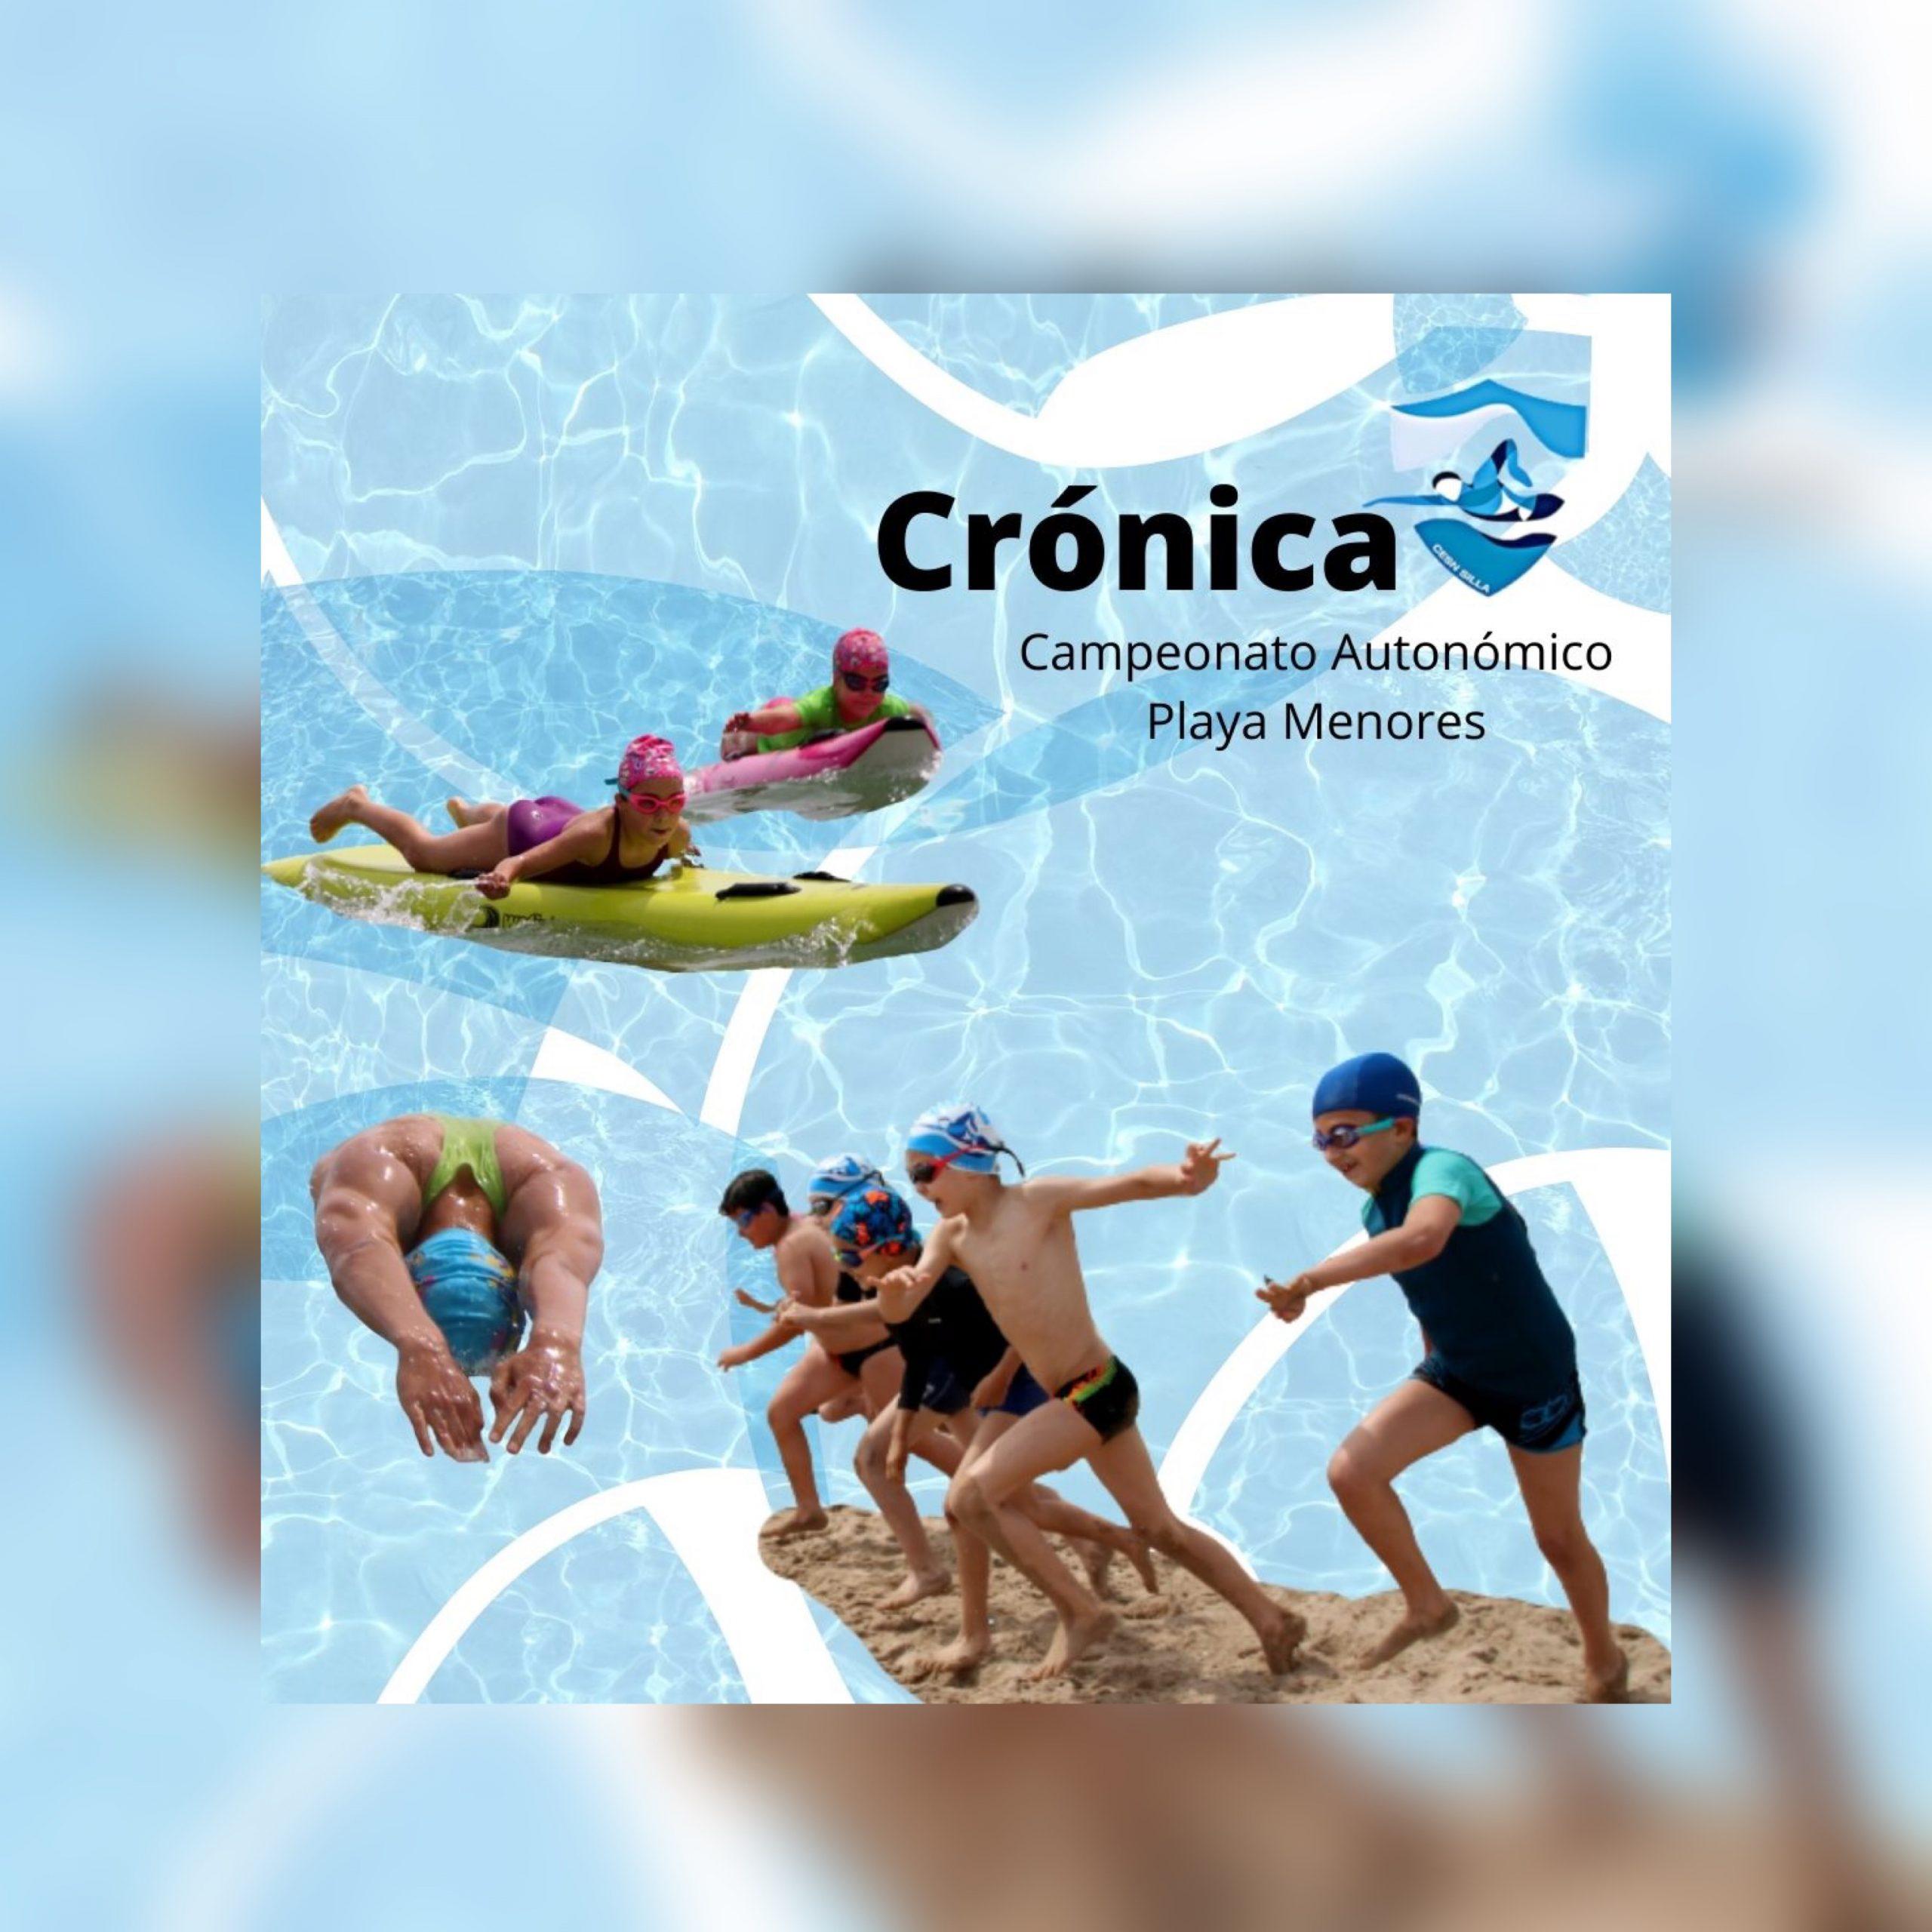 Cartel Crónica Cto Autonómico Playa